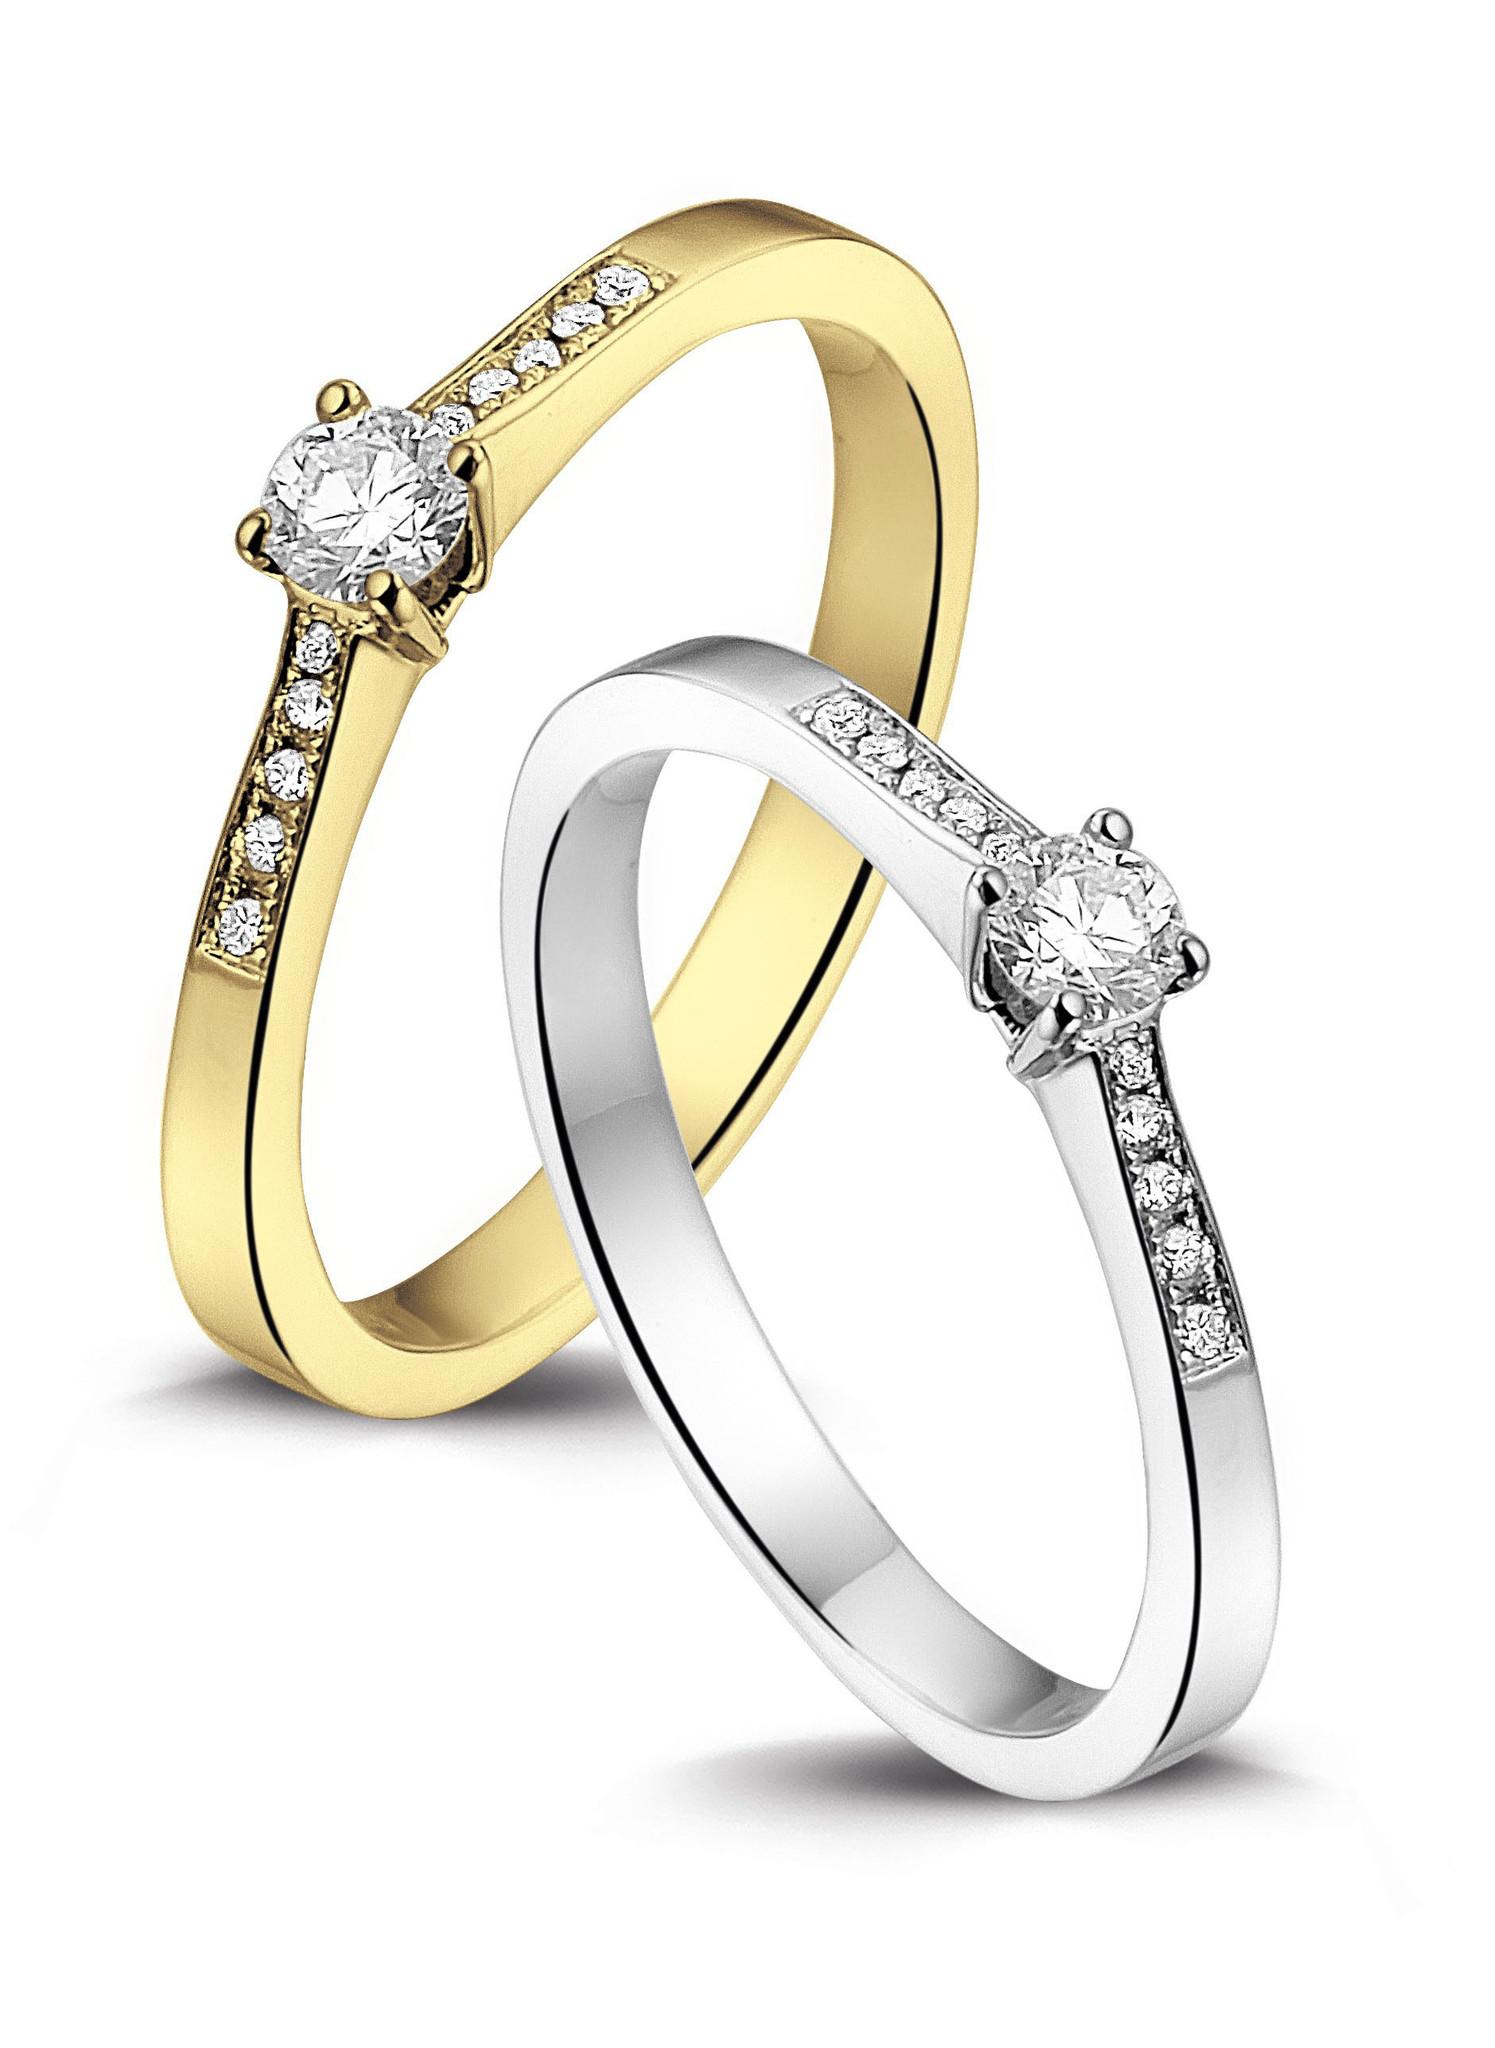 14 karaat geelgouden ring met diamanten 0.05 crt. - Solitair - Geelgoud-2